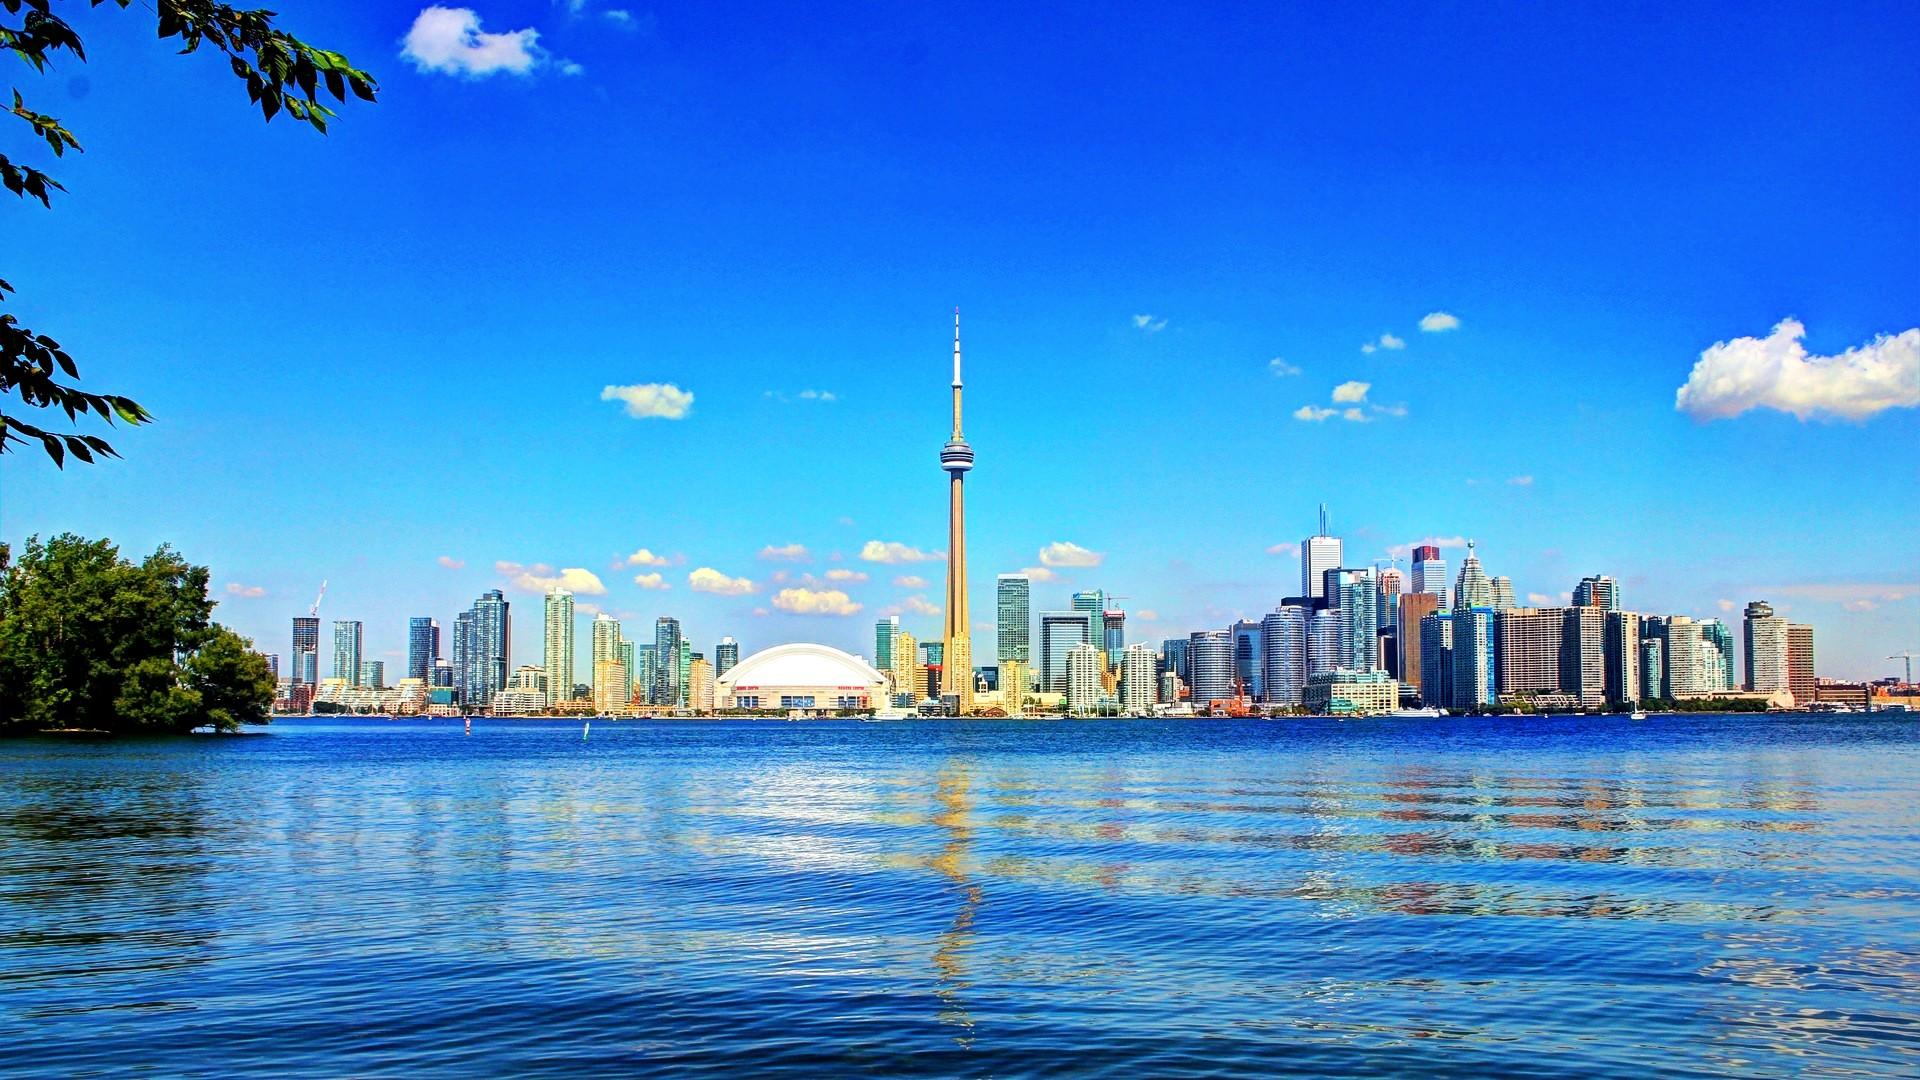 Chương trình du học Canada theo dạng visa ưu tiên CES tiếp tục được kéo dài cho năm 2018